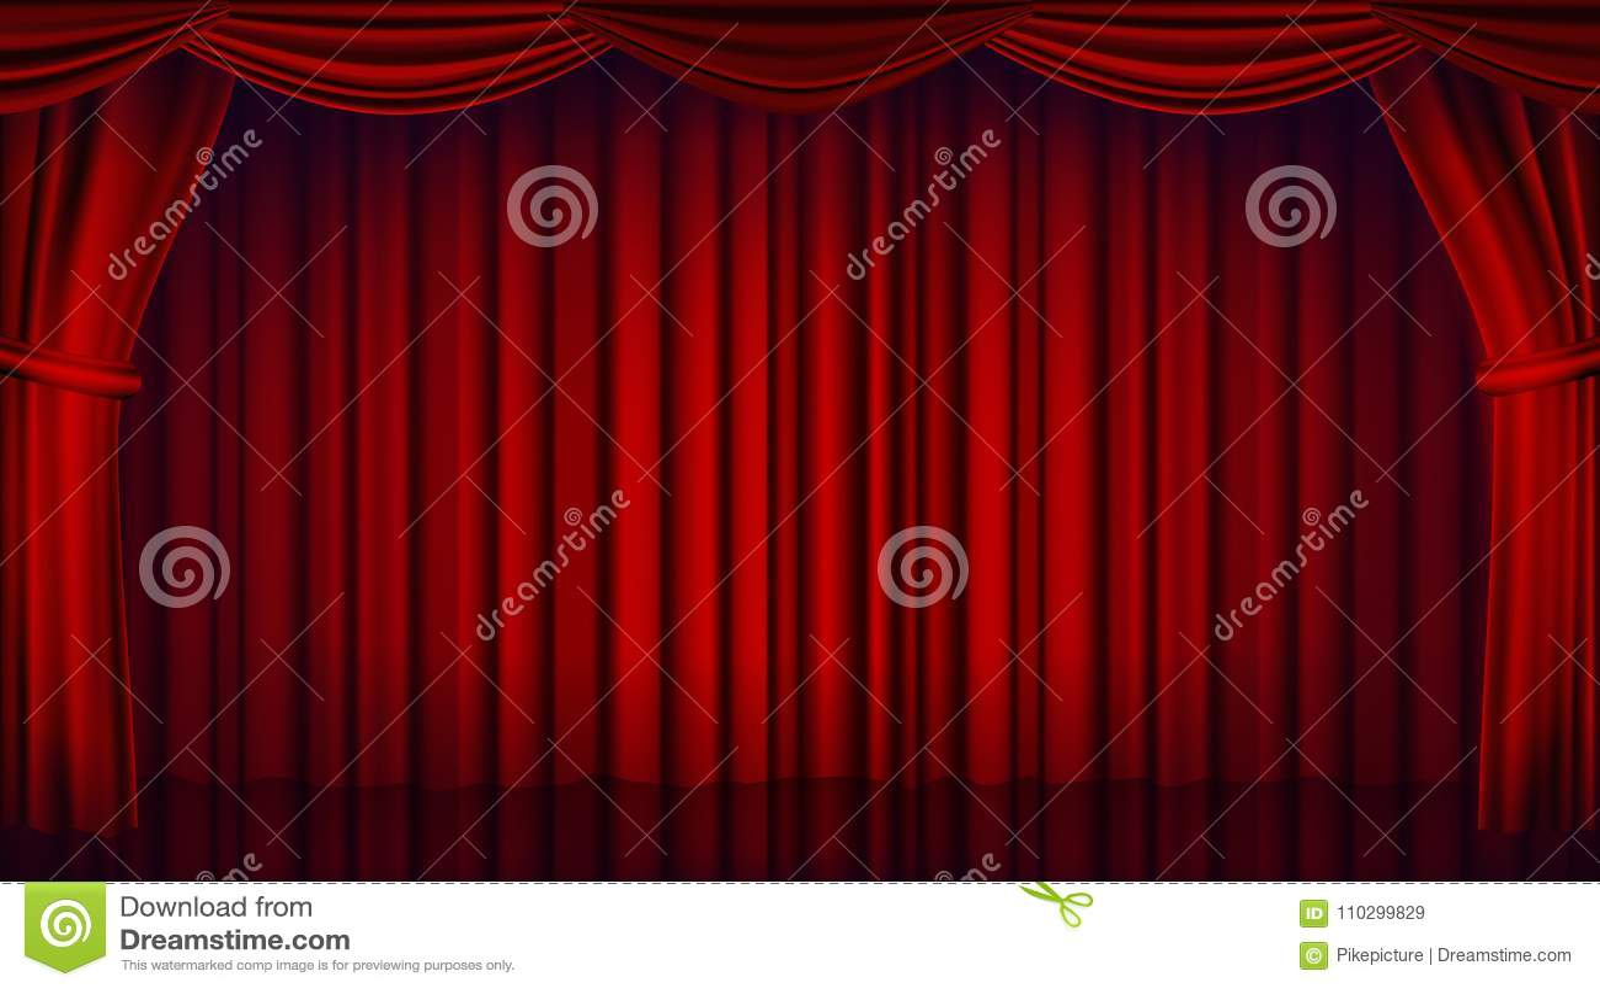 Vecteur Rouge De Rideau En Théâtre Théâtre, Opéra Ou Scène Fermée De ...